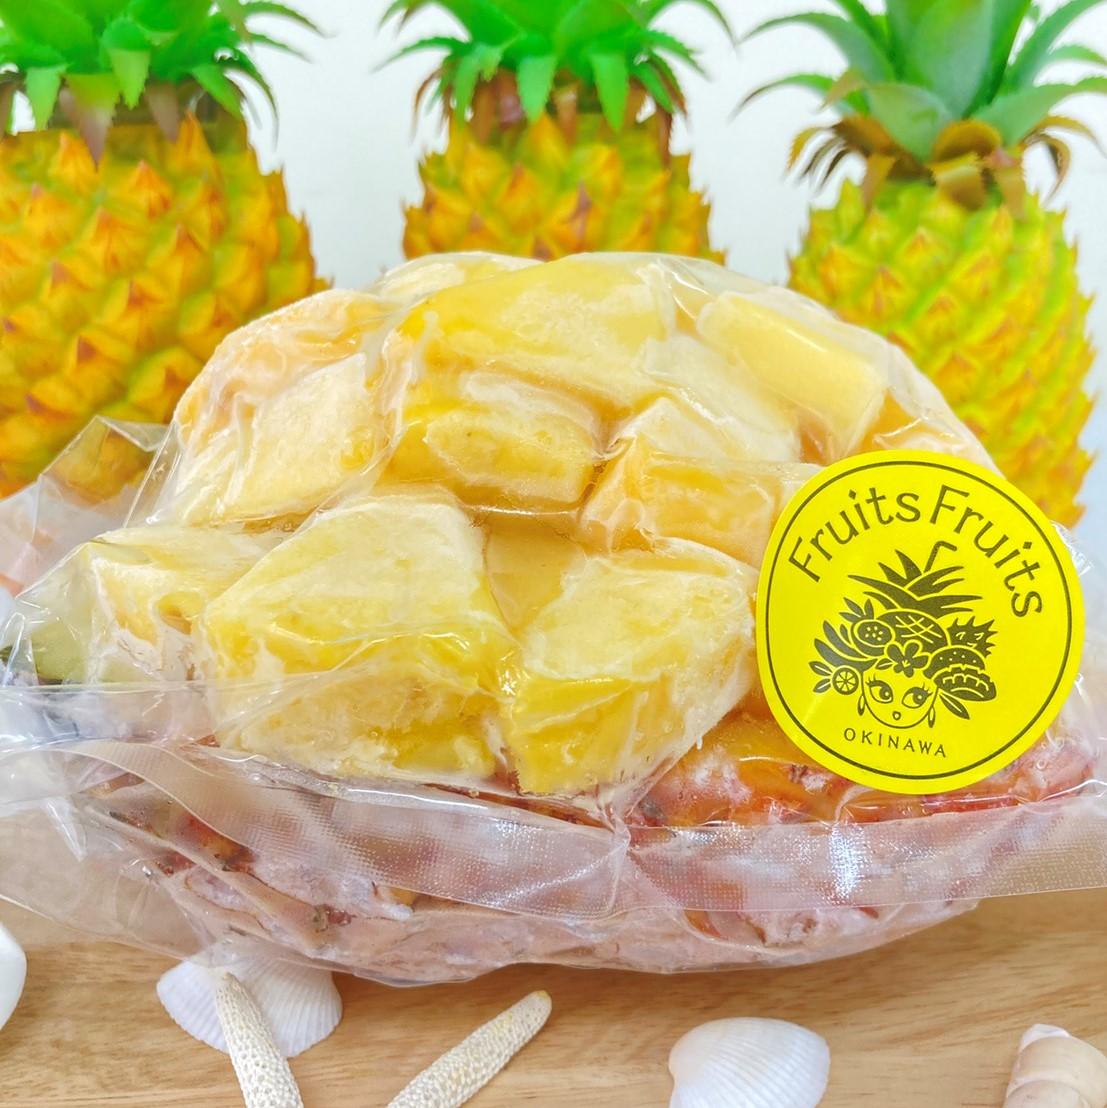 冷凍カットパインバスケット(沖縄県東村産ゴールドバレルまるごと凍結!糖度16度以上)限定100個